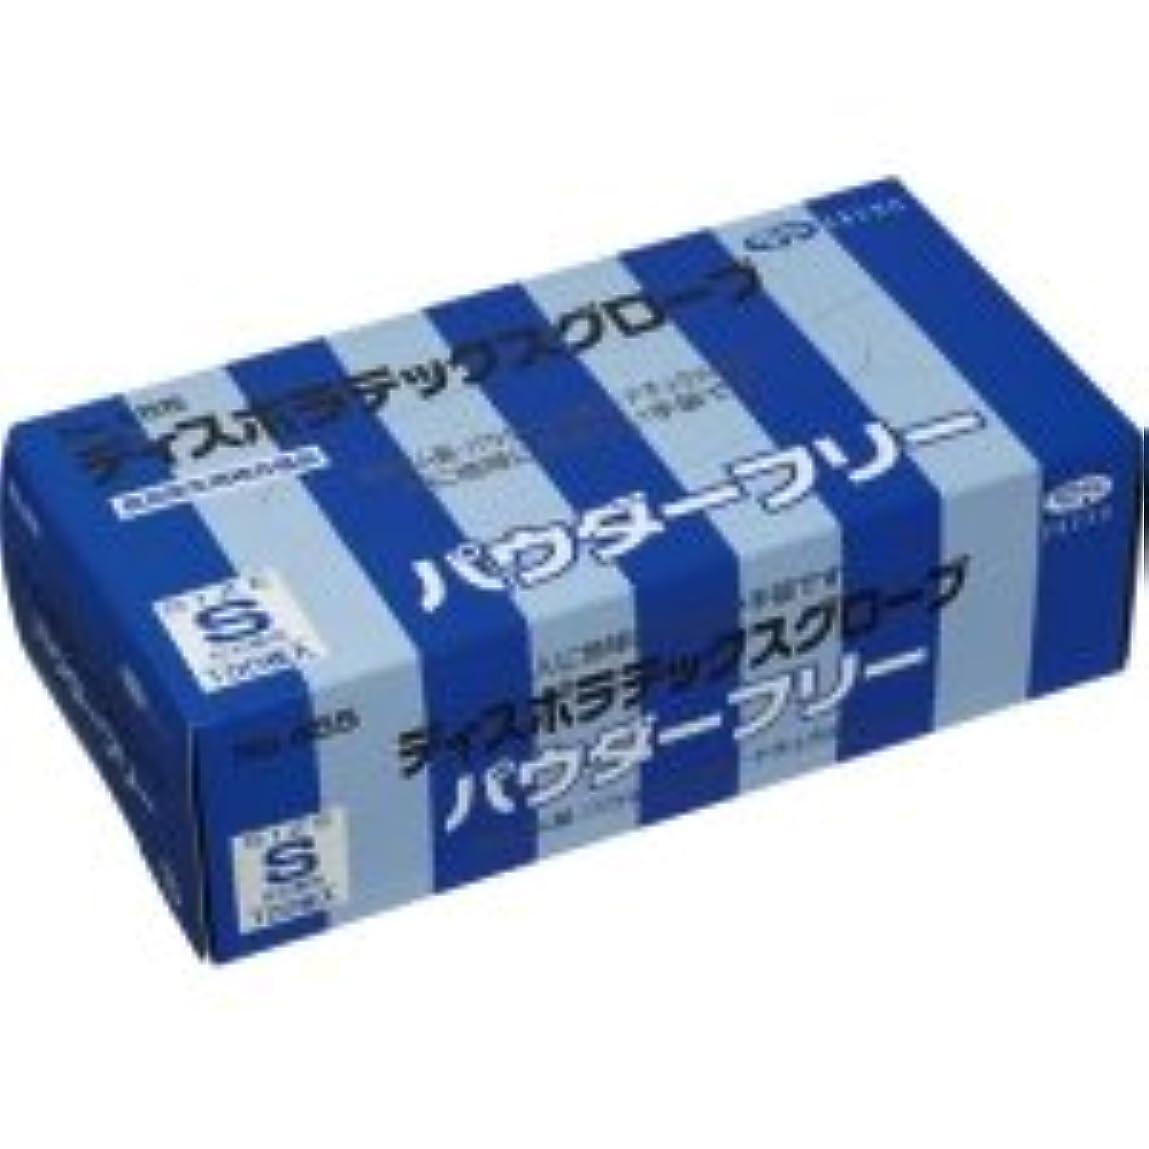 周波数見る姓エブノ ディスポラテックスグローブ No.455 パウダーフリー S 1箱(100枚)